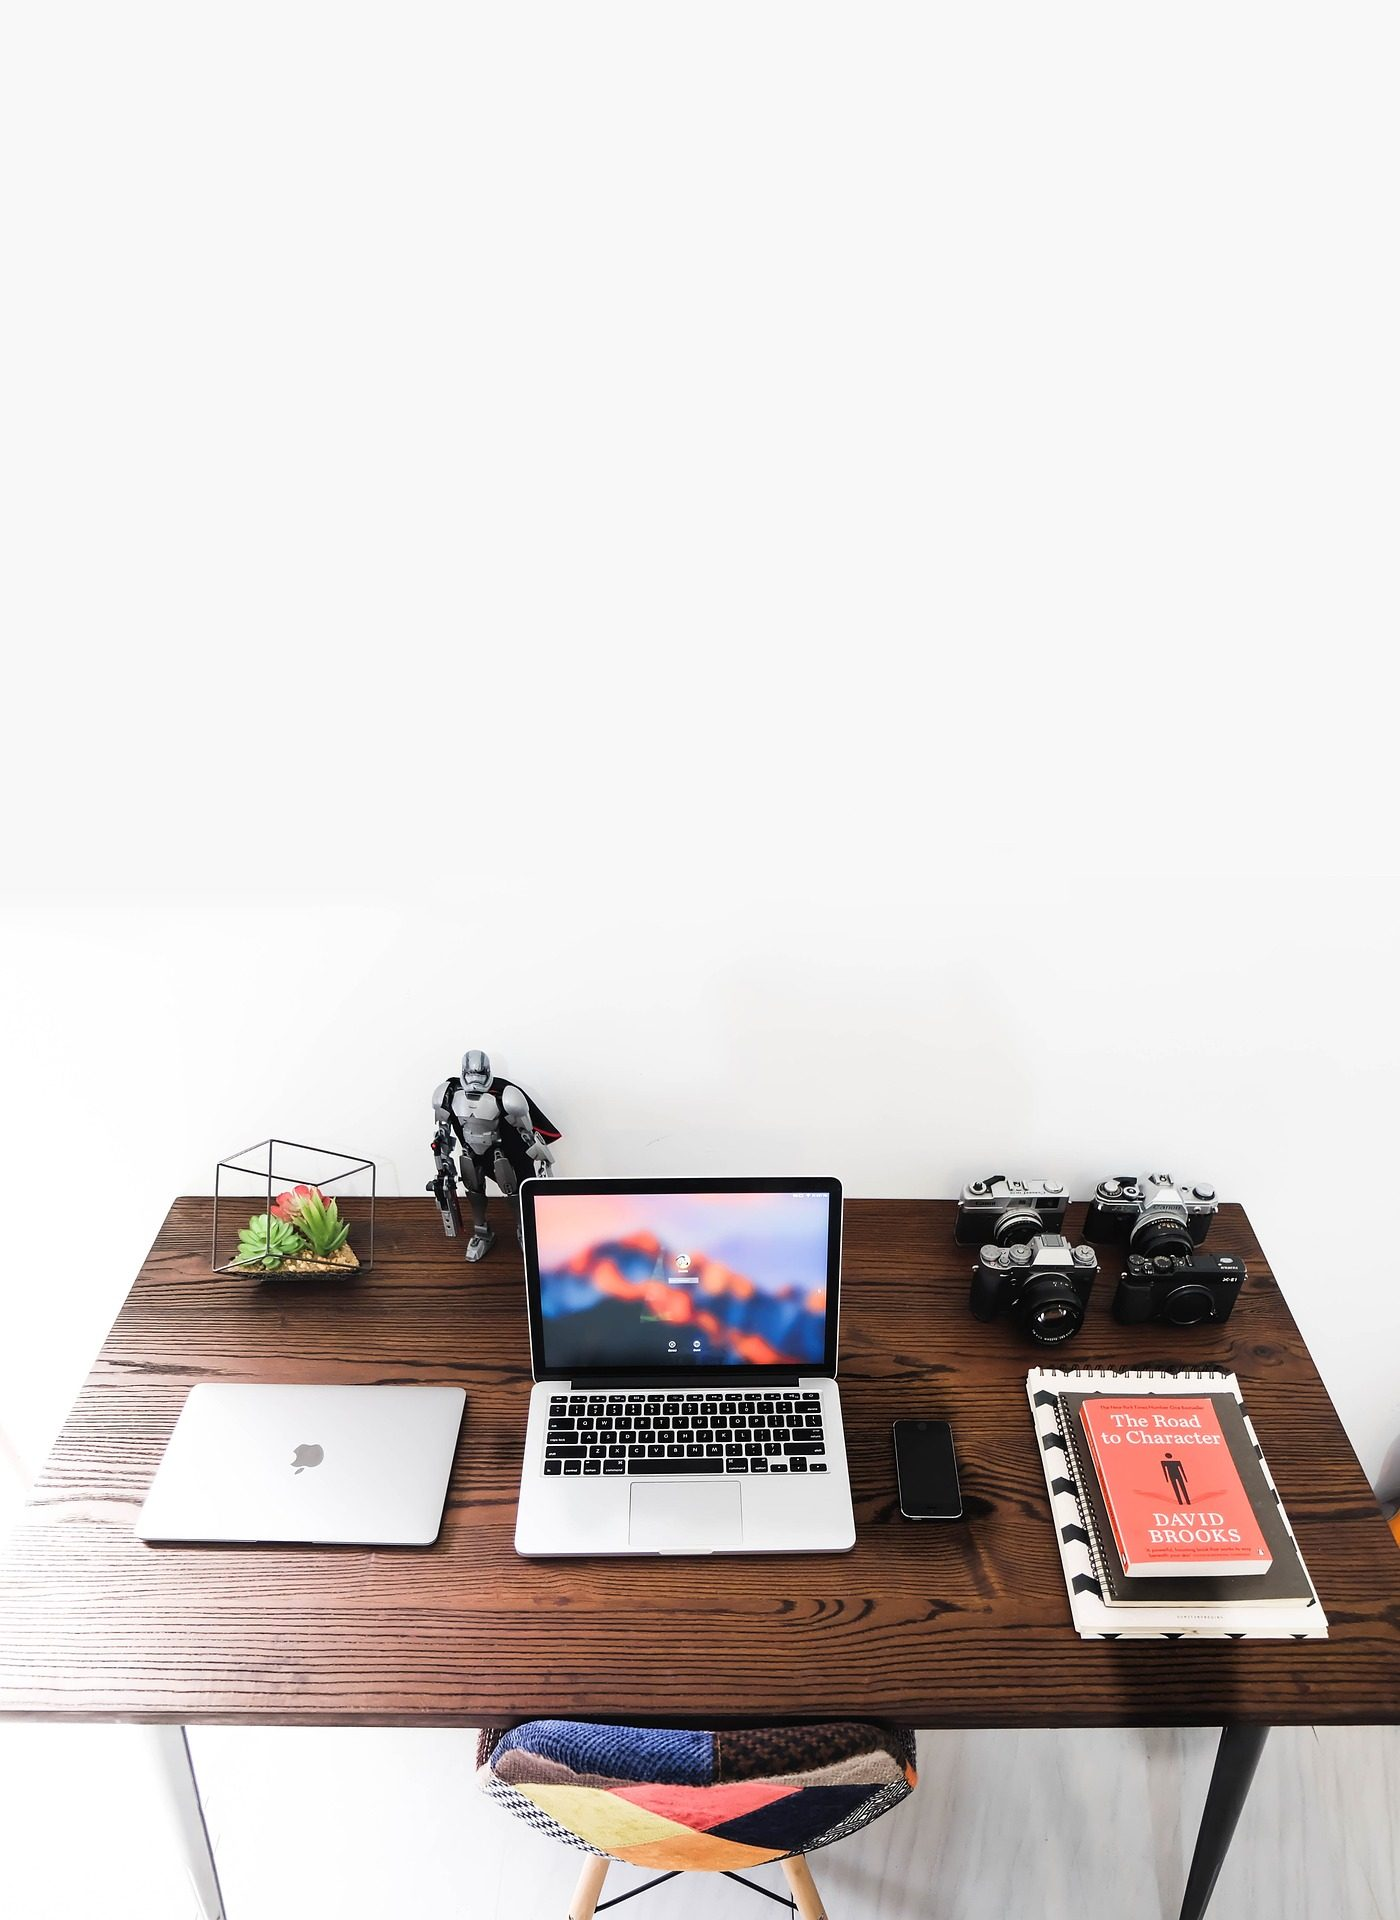 Рабочий стол, работа, компьютер, Блокнот, книги, Фотокамеры, Таблица, Кресло - Обои HD - Профессор falken.com